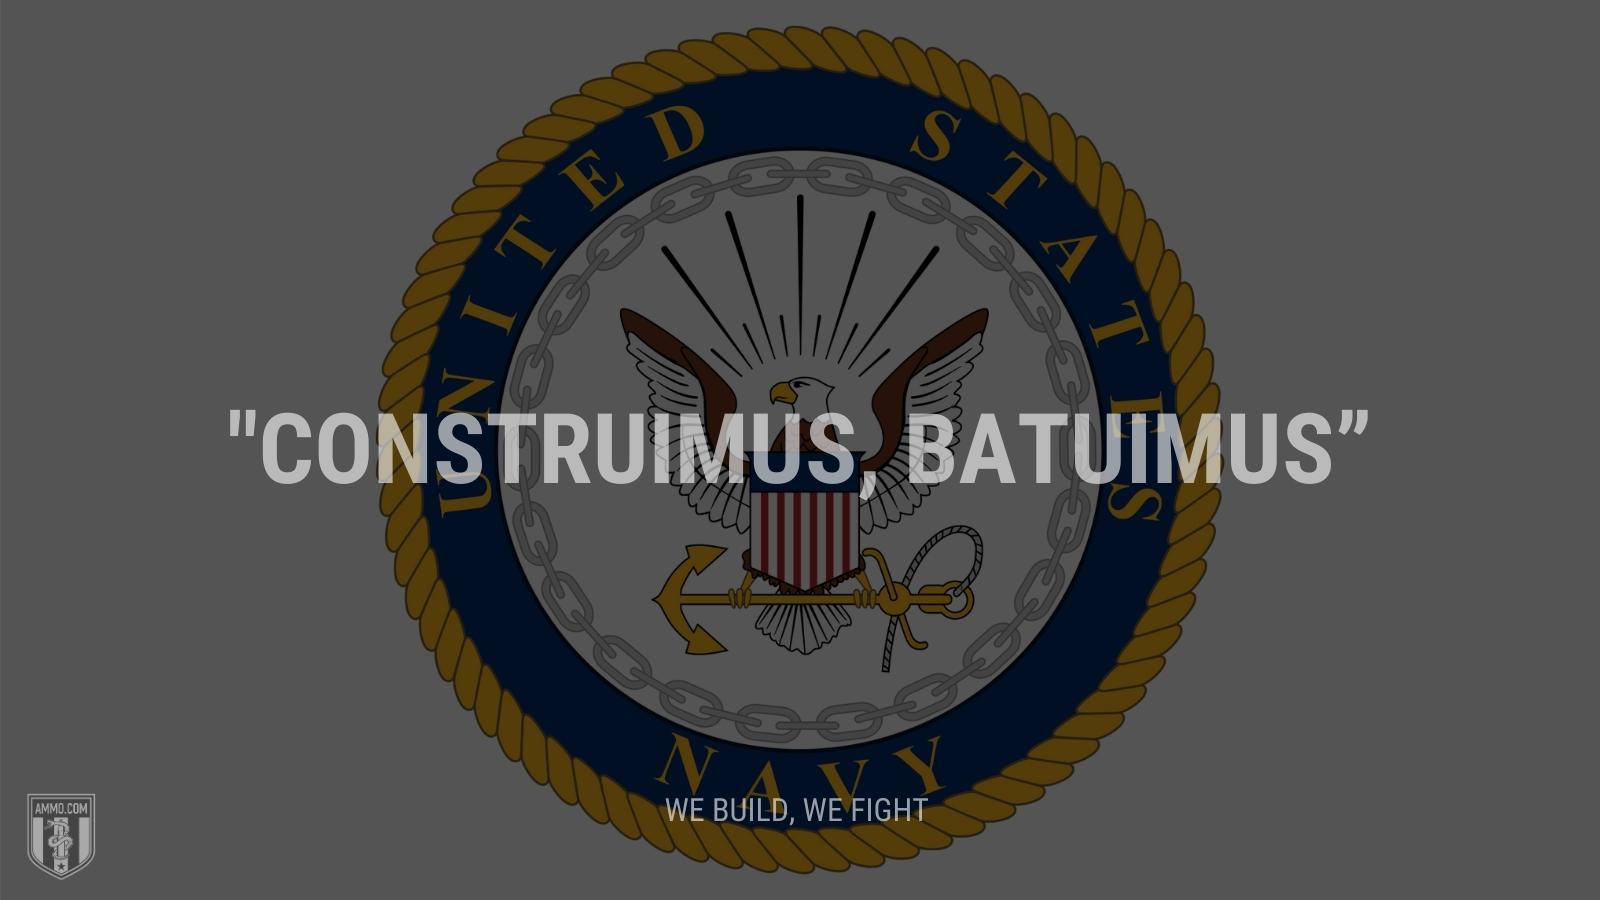 """""""Construimus, batuimus"""" - We build, we fight"""